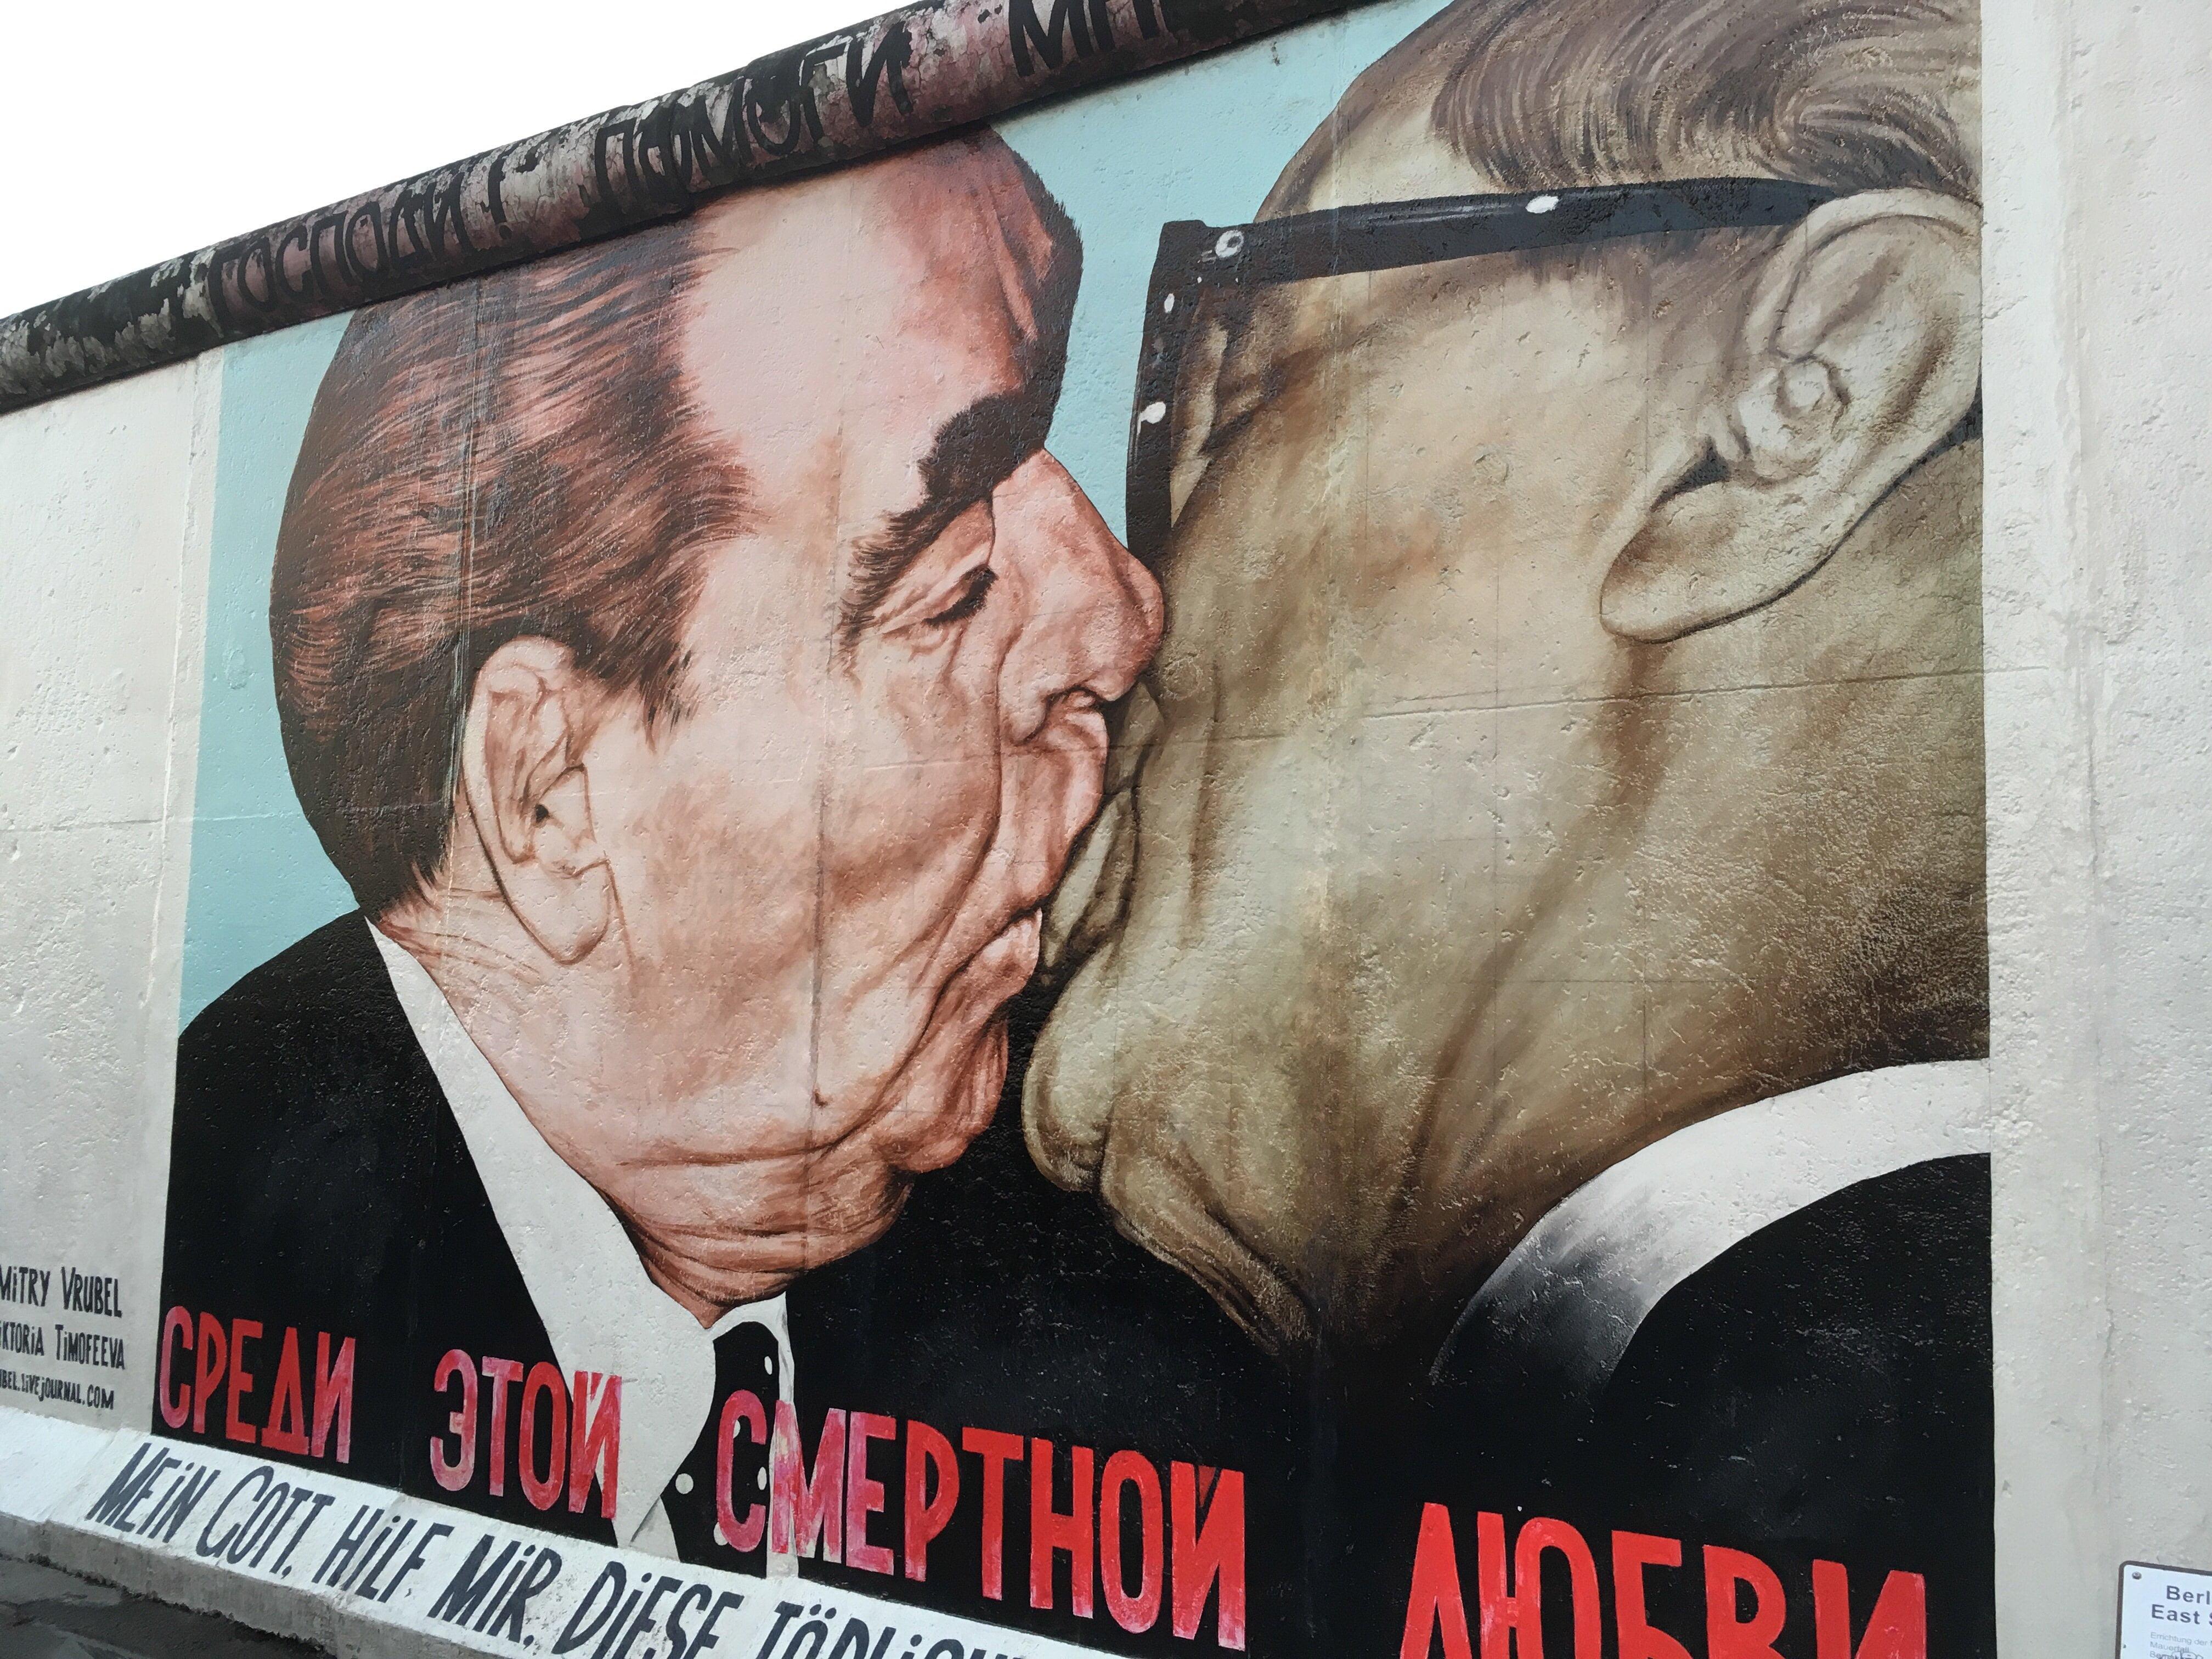 Da non perdere a Berlino: East Side Gallery 3